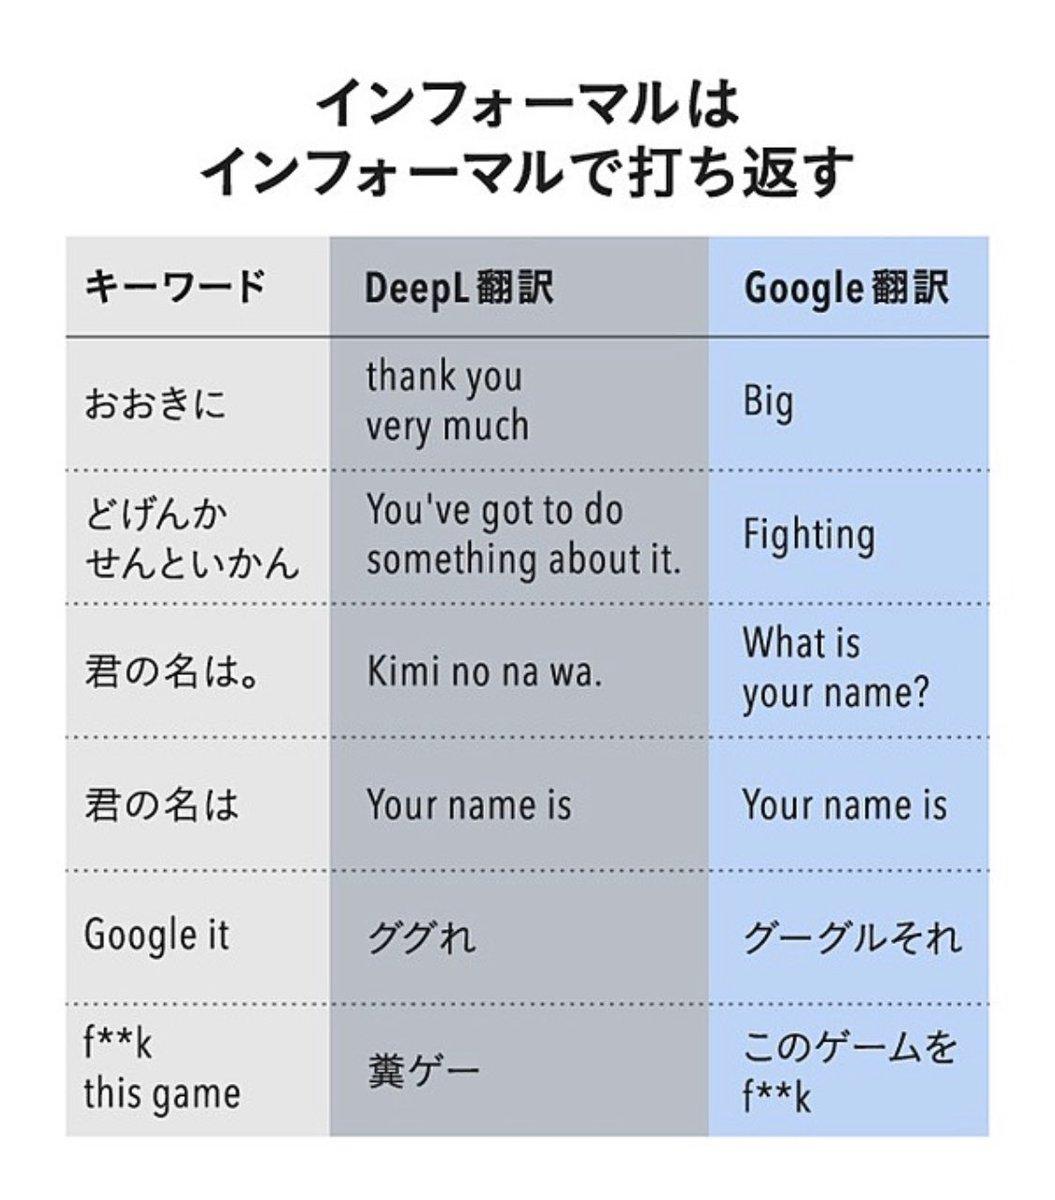 翻訳サービスDeepLがGoogle翻訳と比べて何が優れているのか?この比較表を見てなるほど…と唸った。